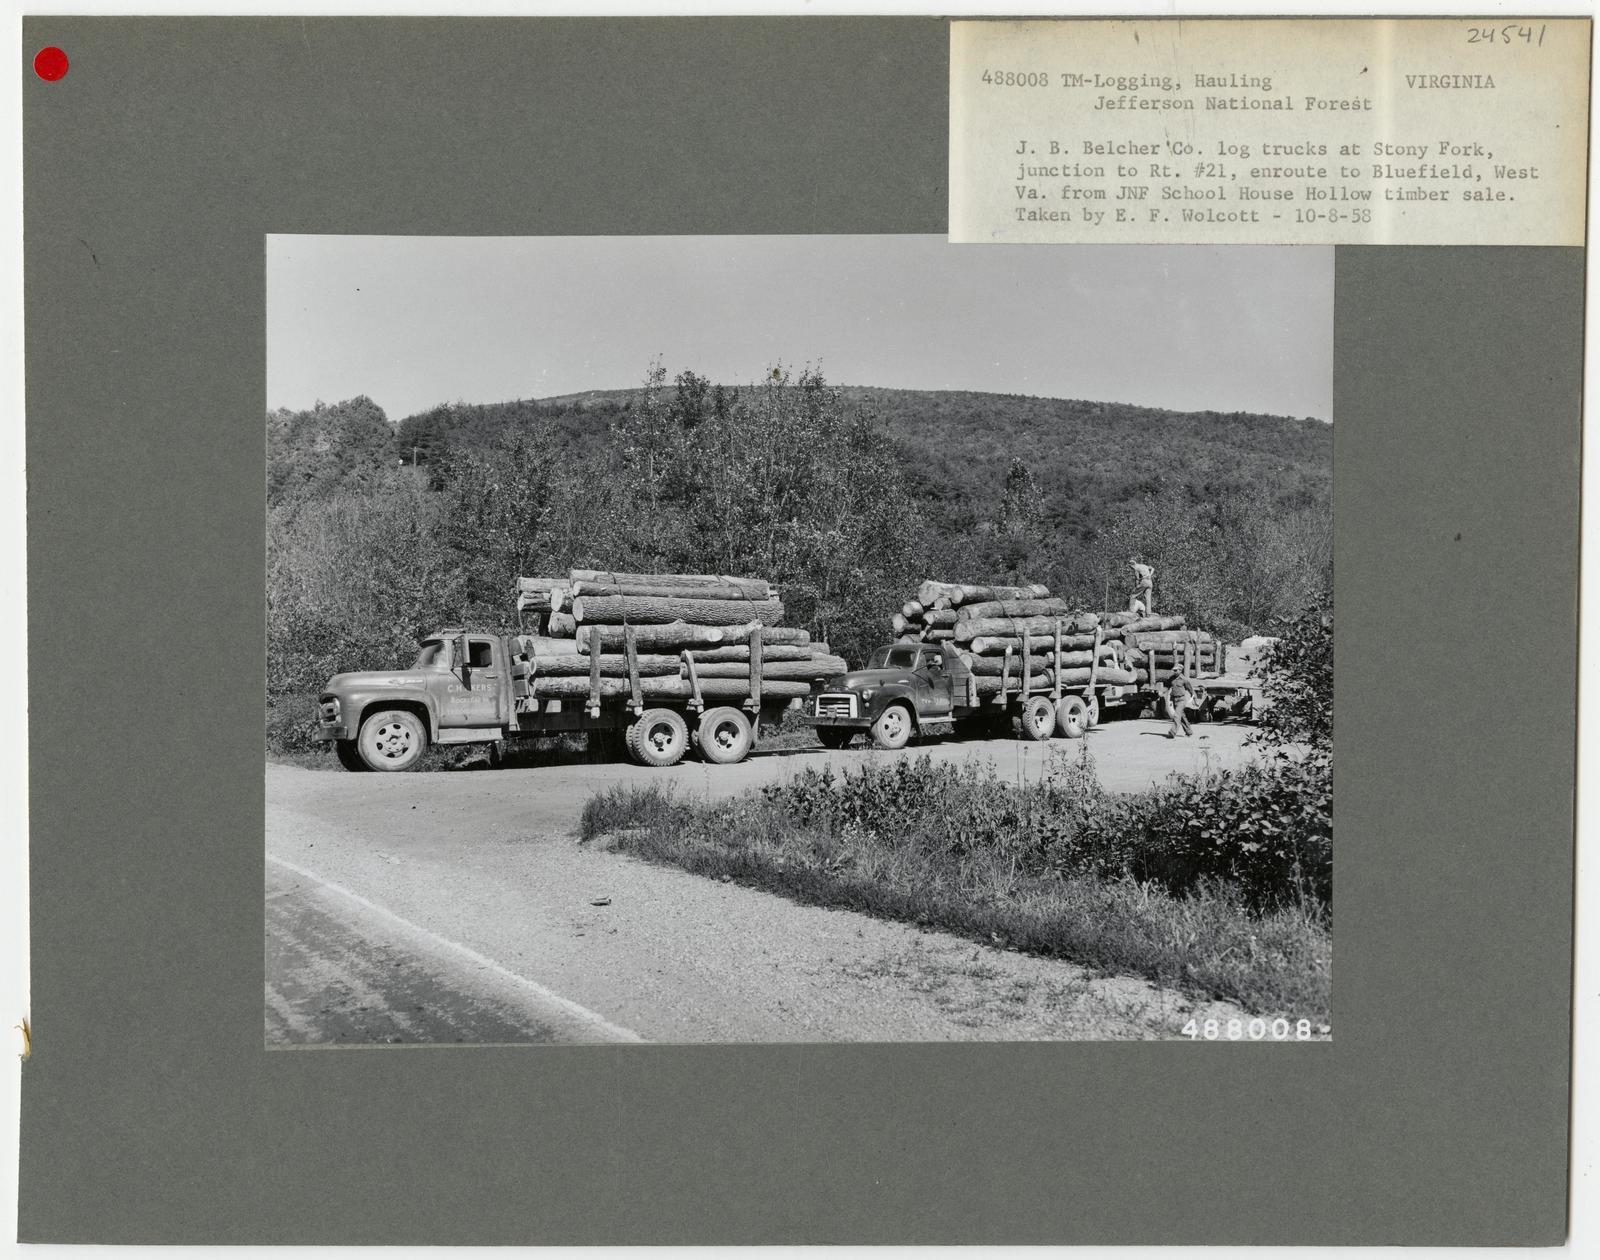 Logging: Transportation: Trucks - Virginia